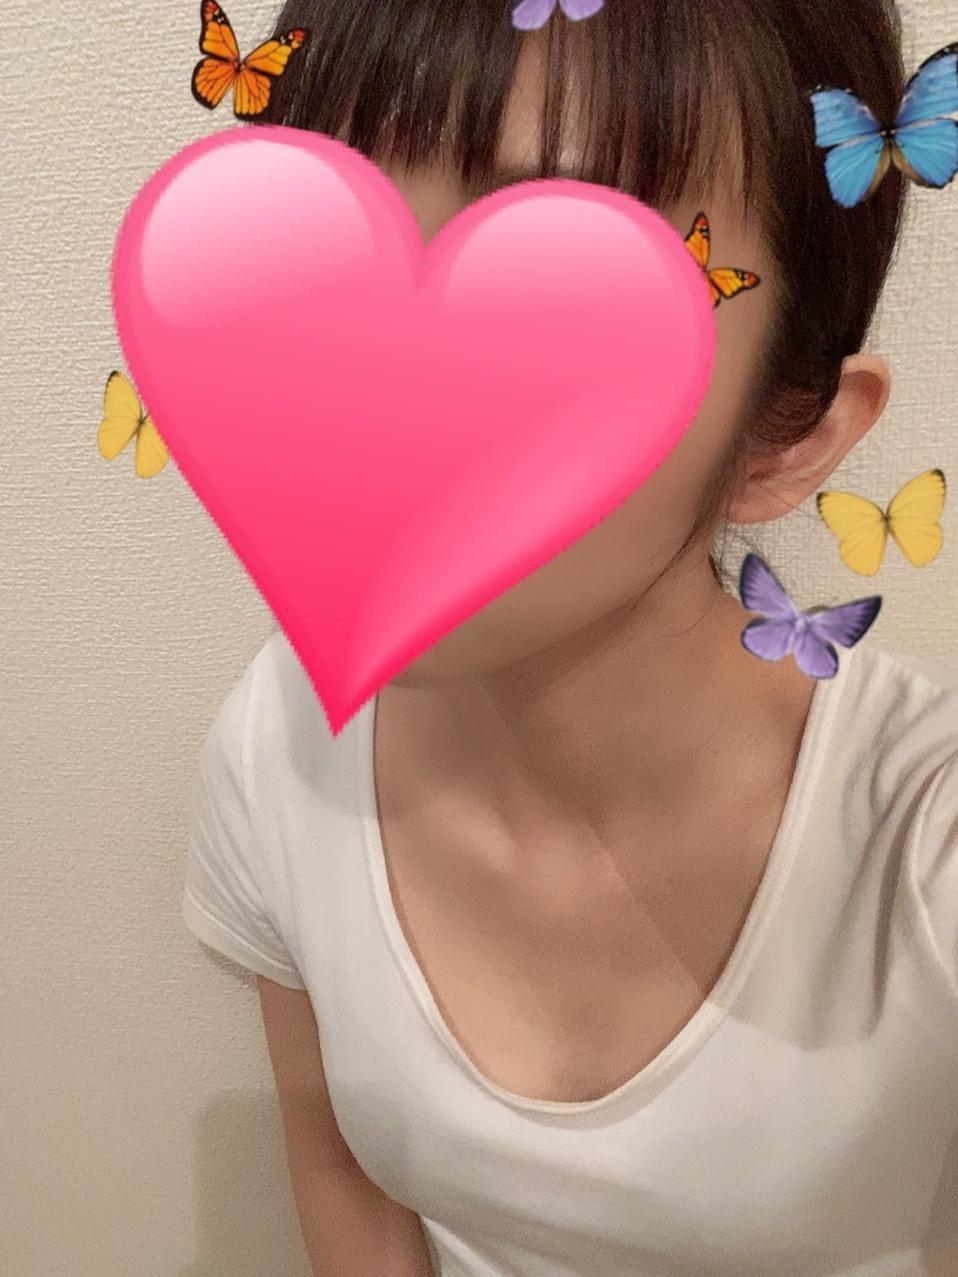 「ありがとうございました」08/13(08/13) 02:55   小倉ゆうかの写メ・風俗動画